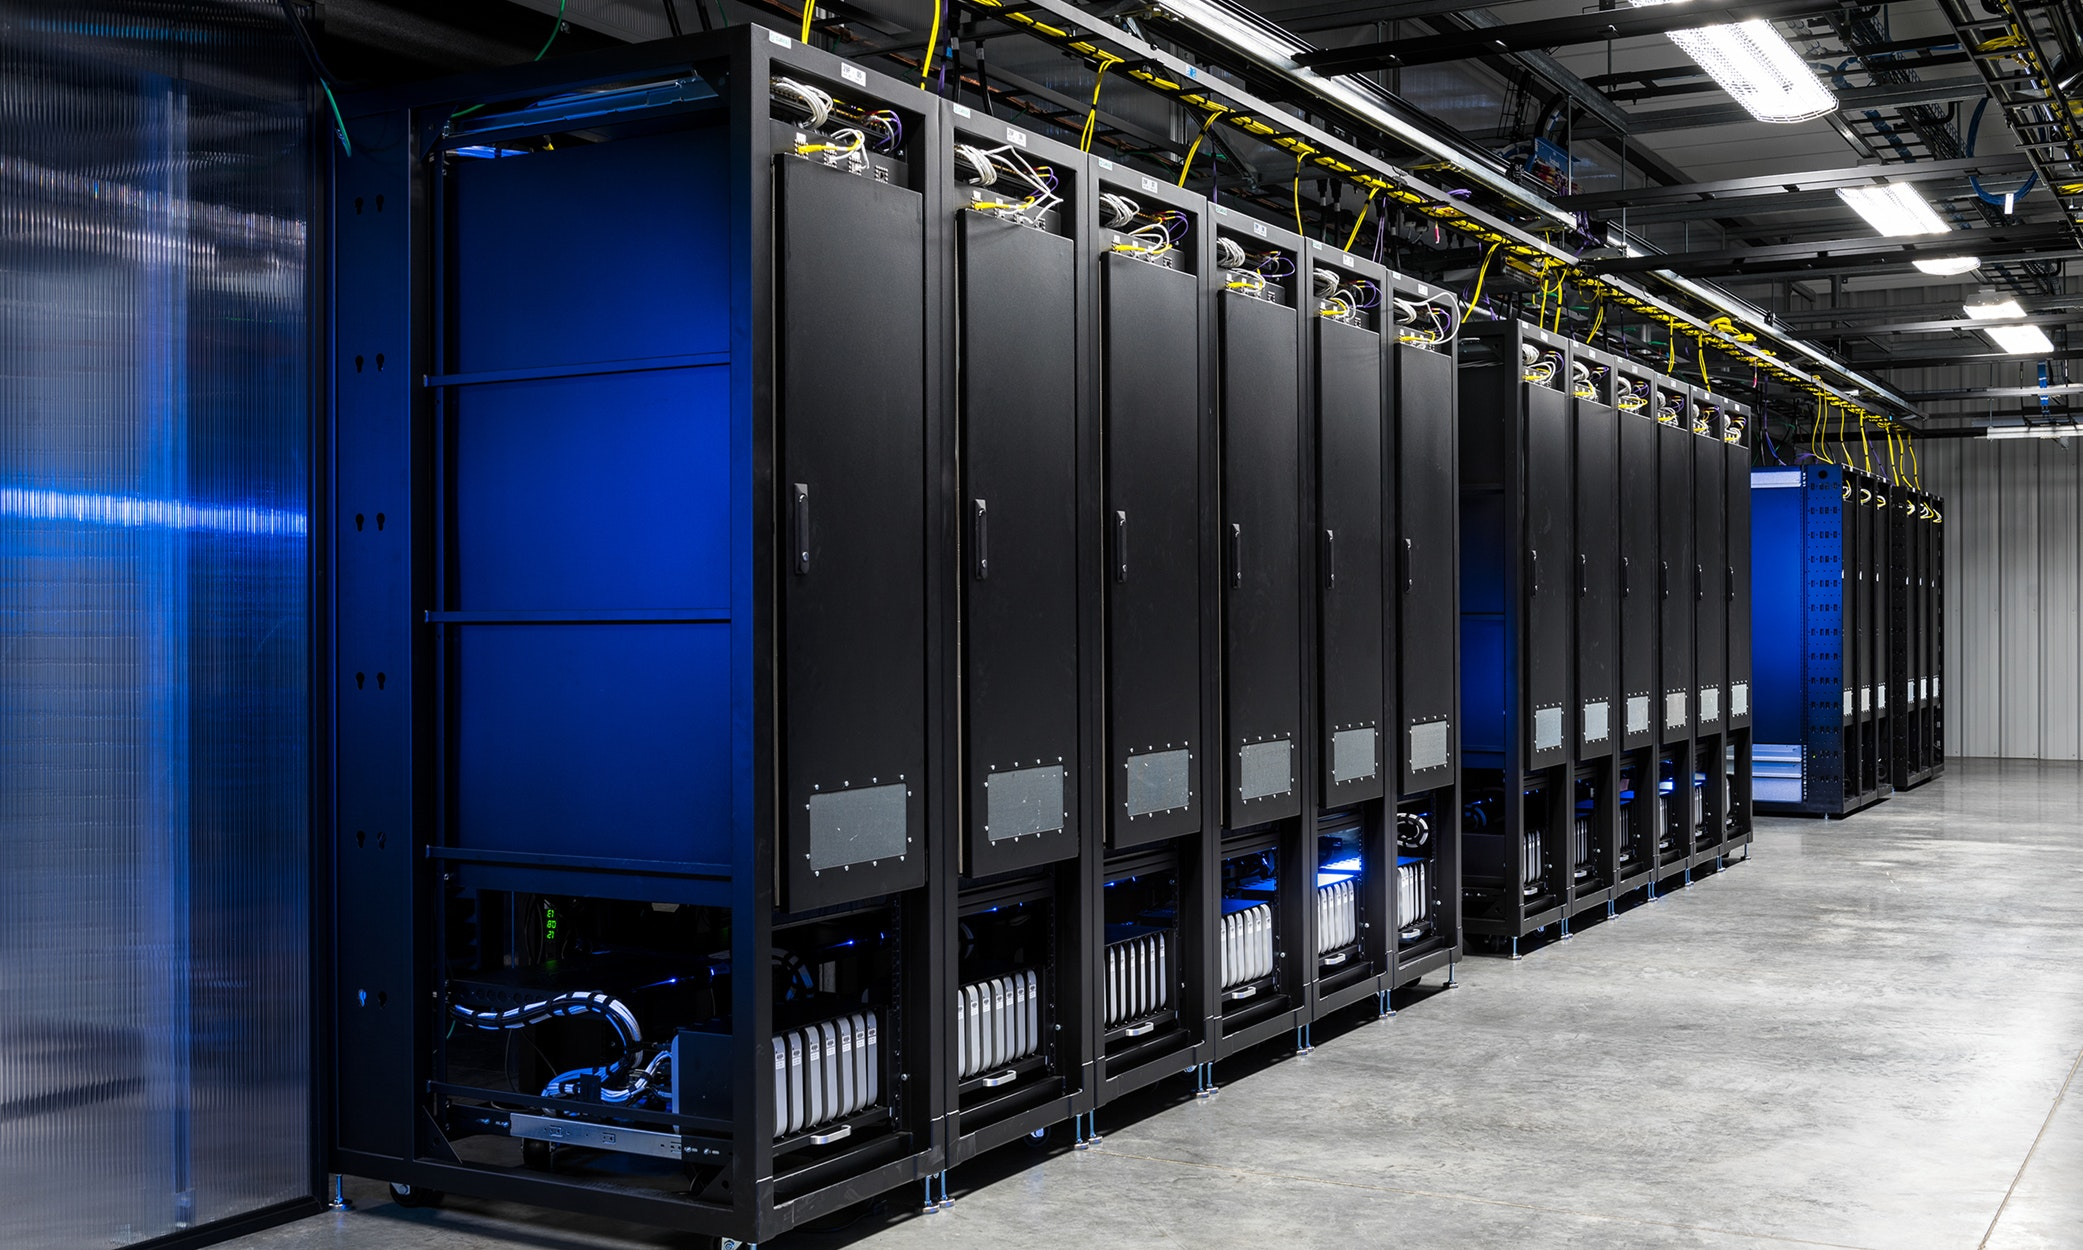 datacenter-server-449401.jpg